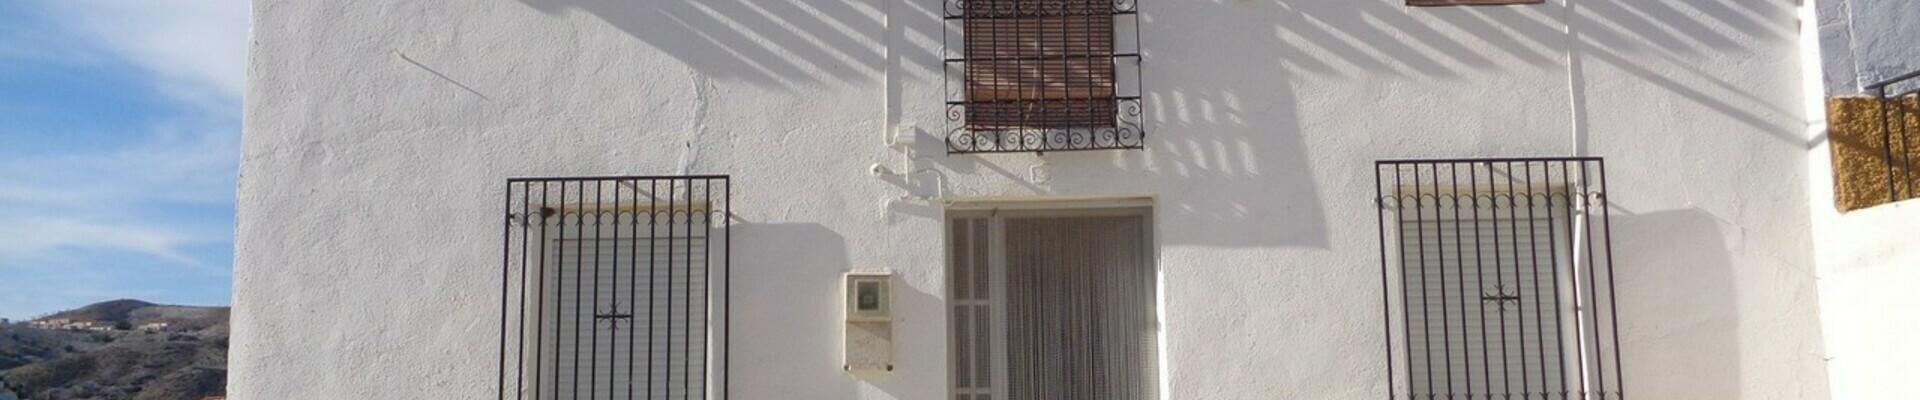 AF731: 3 Bedroom Cortijo for Sale